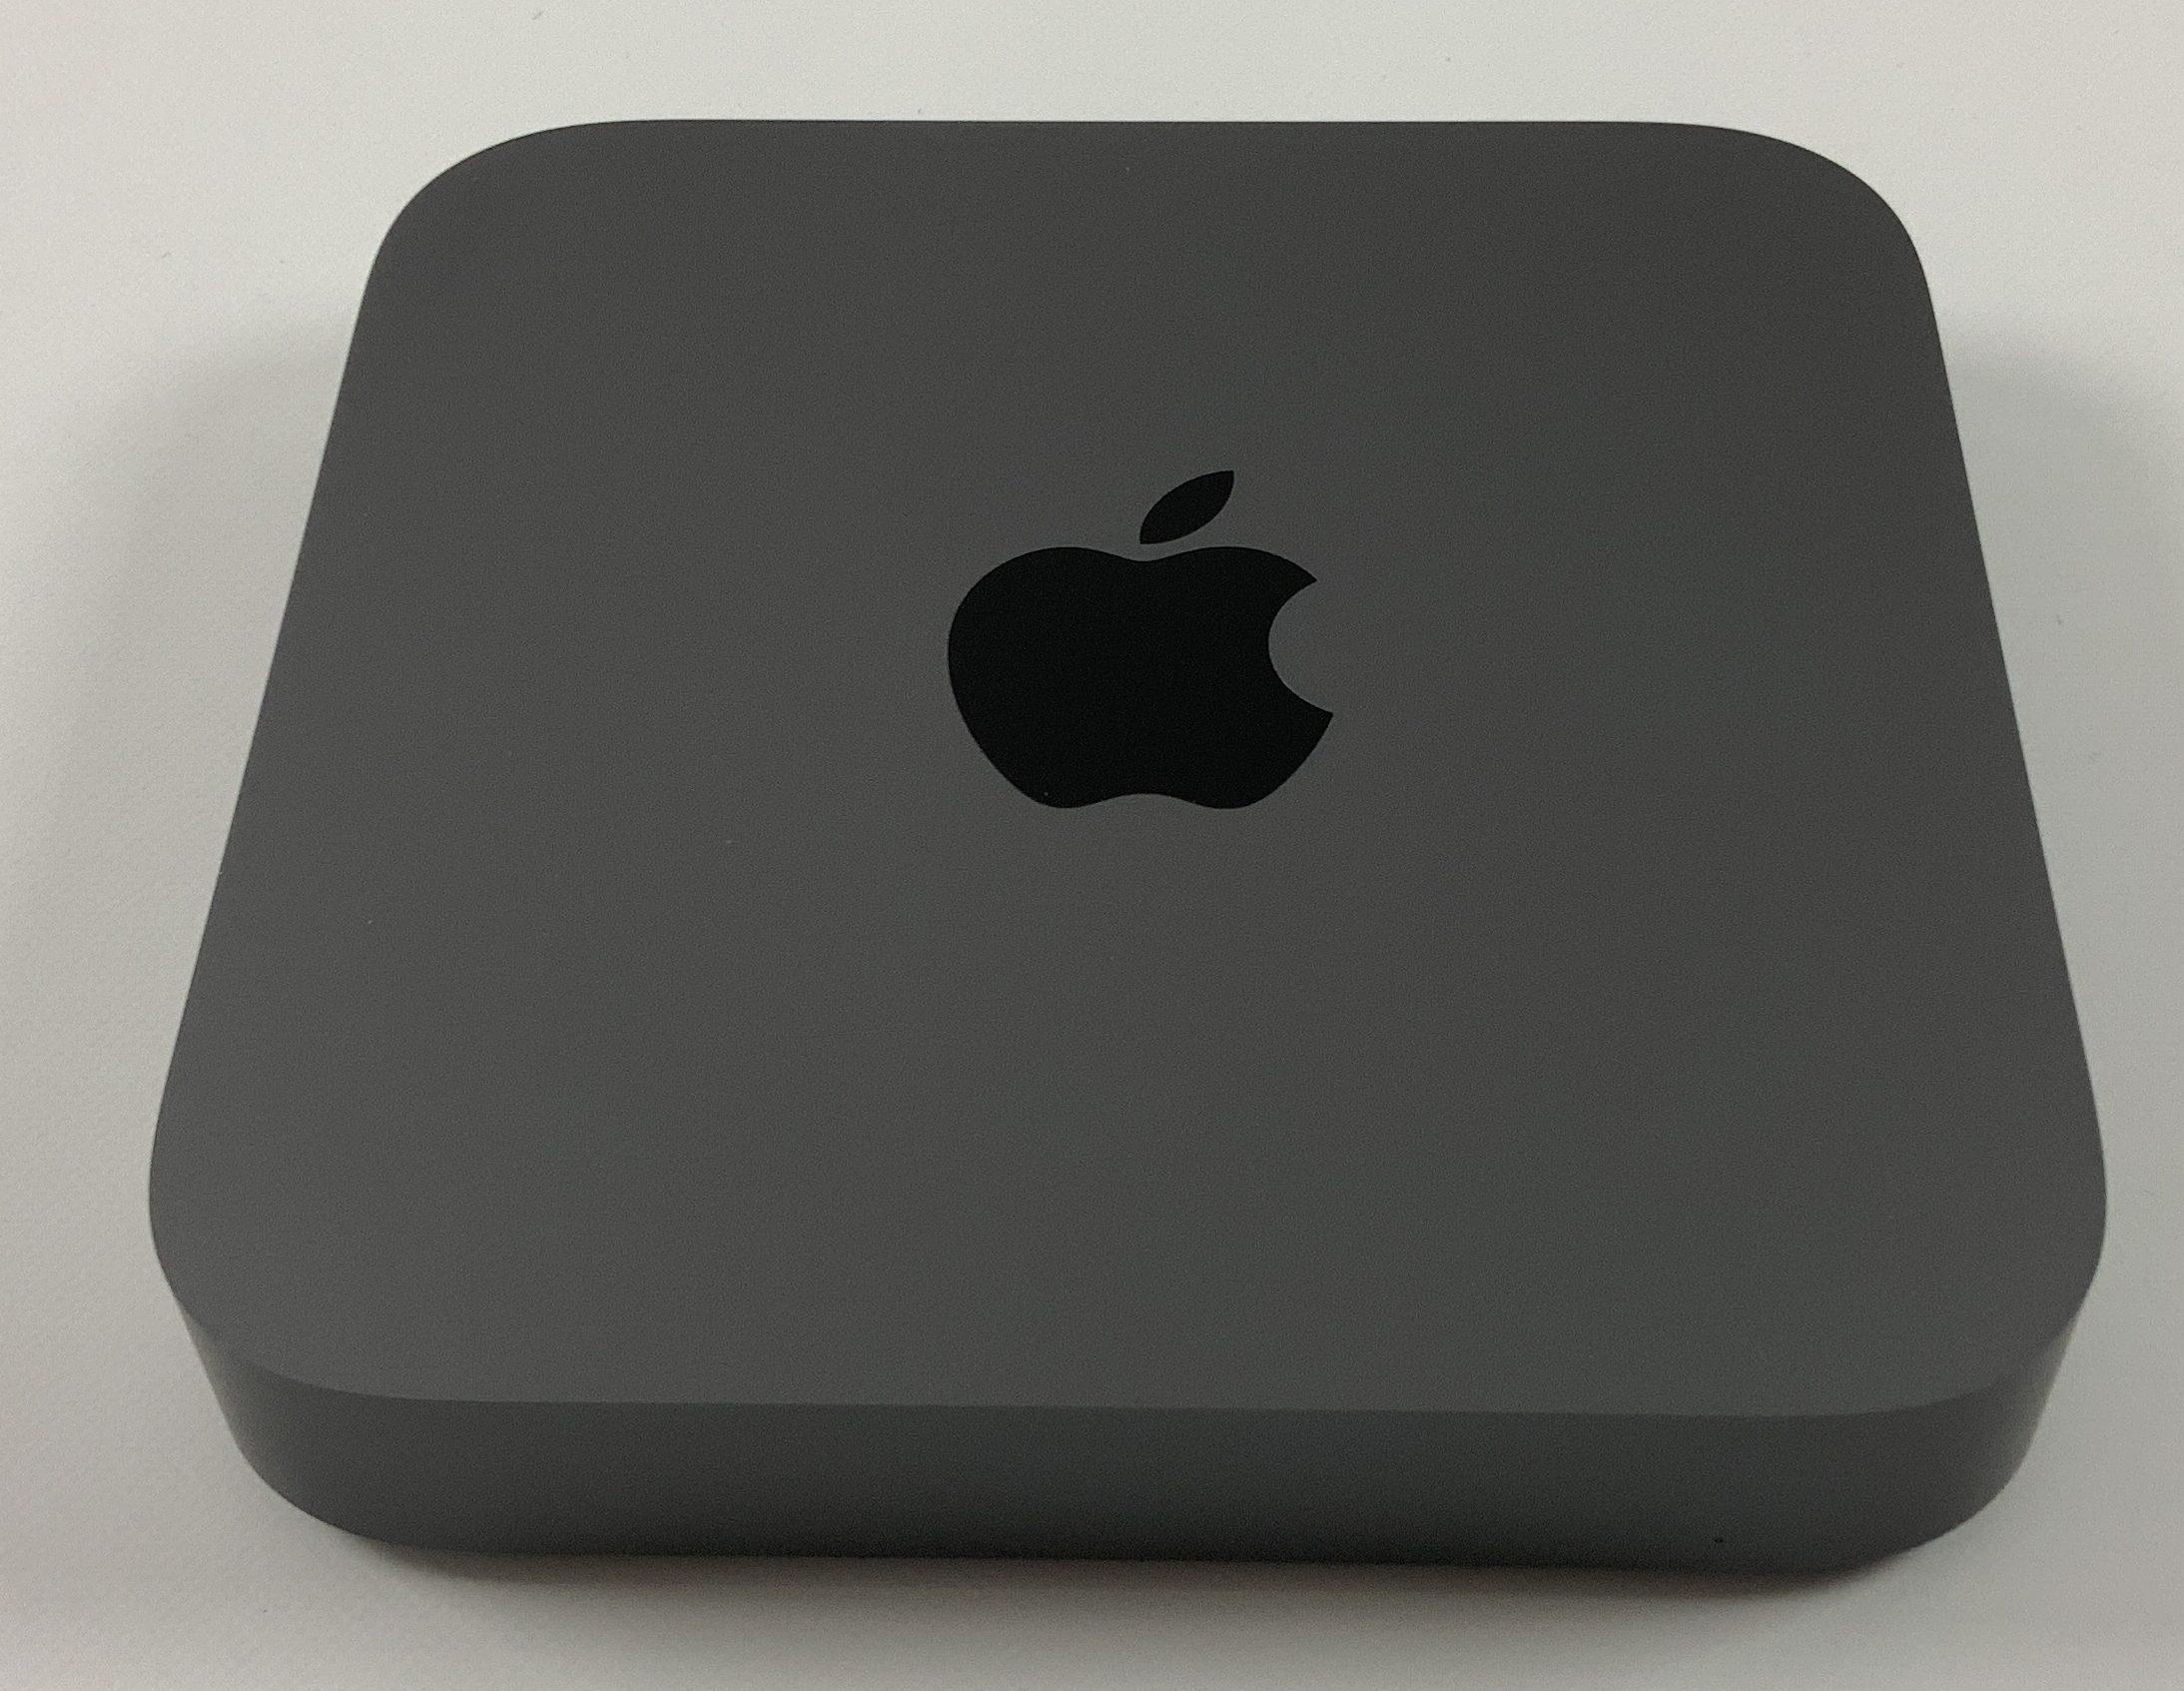 Mac Mini Late 2018 (Intel 6-Core i5 3.0 GHz 8 GB RAM 256 GB SSD), Intel 6-Core i5 3.0 GHz, 8 GB RAM, 256 GB SSD, image 2